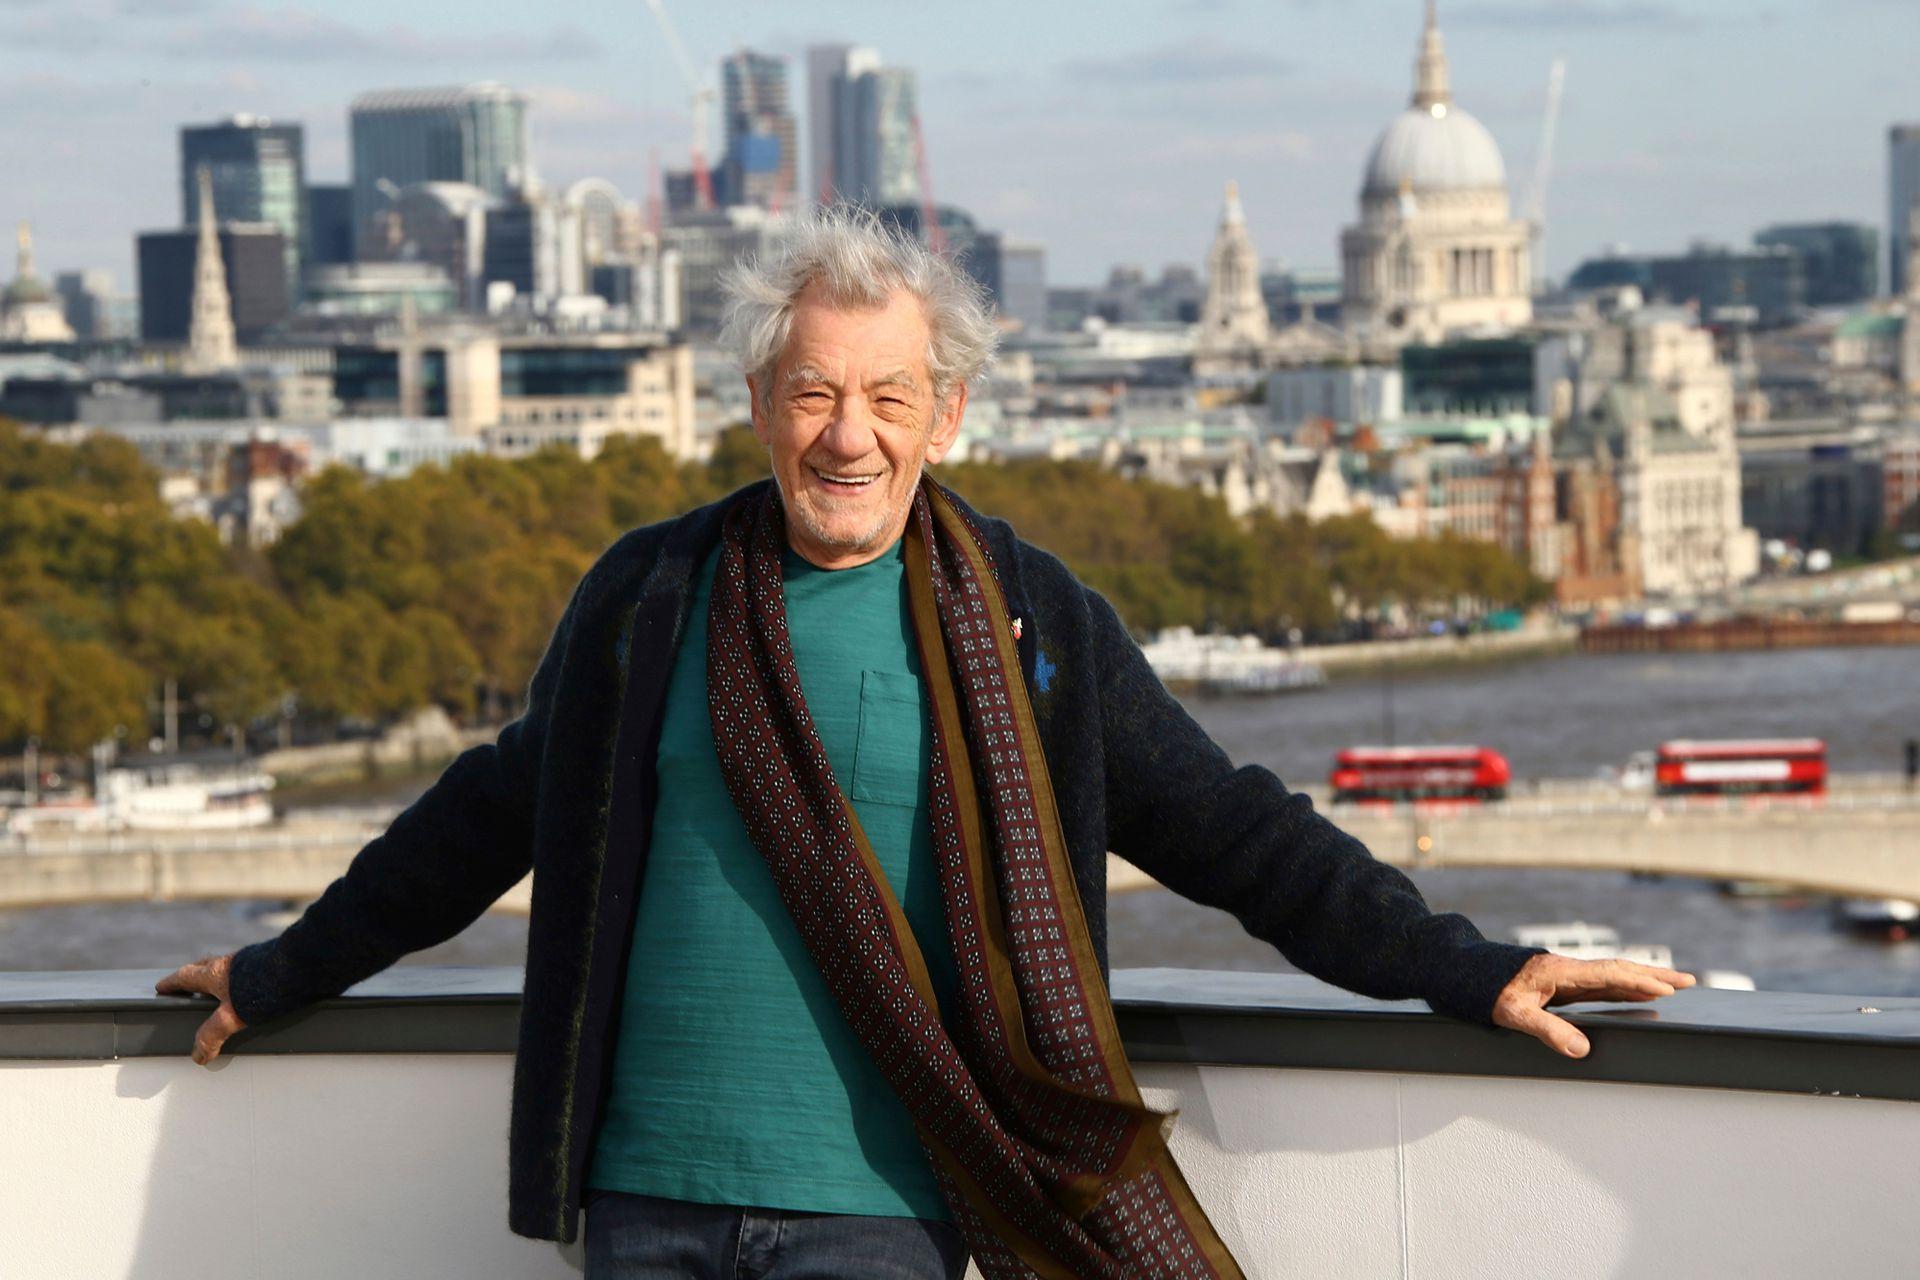 Un sir despeinado y sonriente: Ian McKellen posó con la ciudad de Londres como fondo, durante el photocall de la película The Good Liar